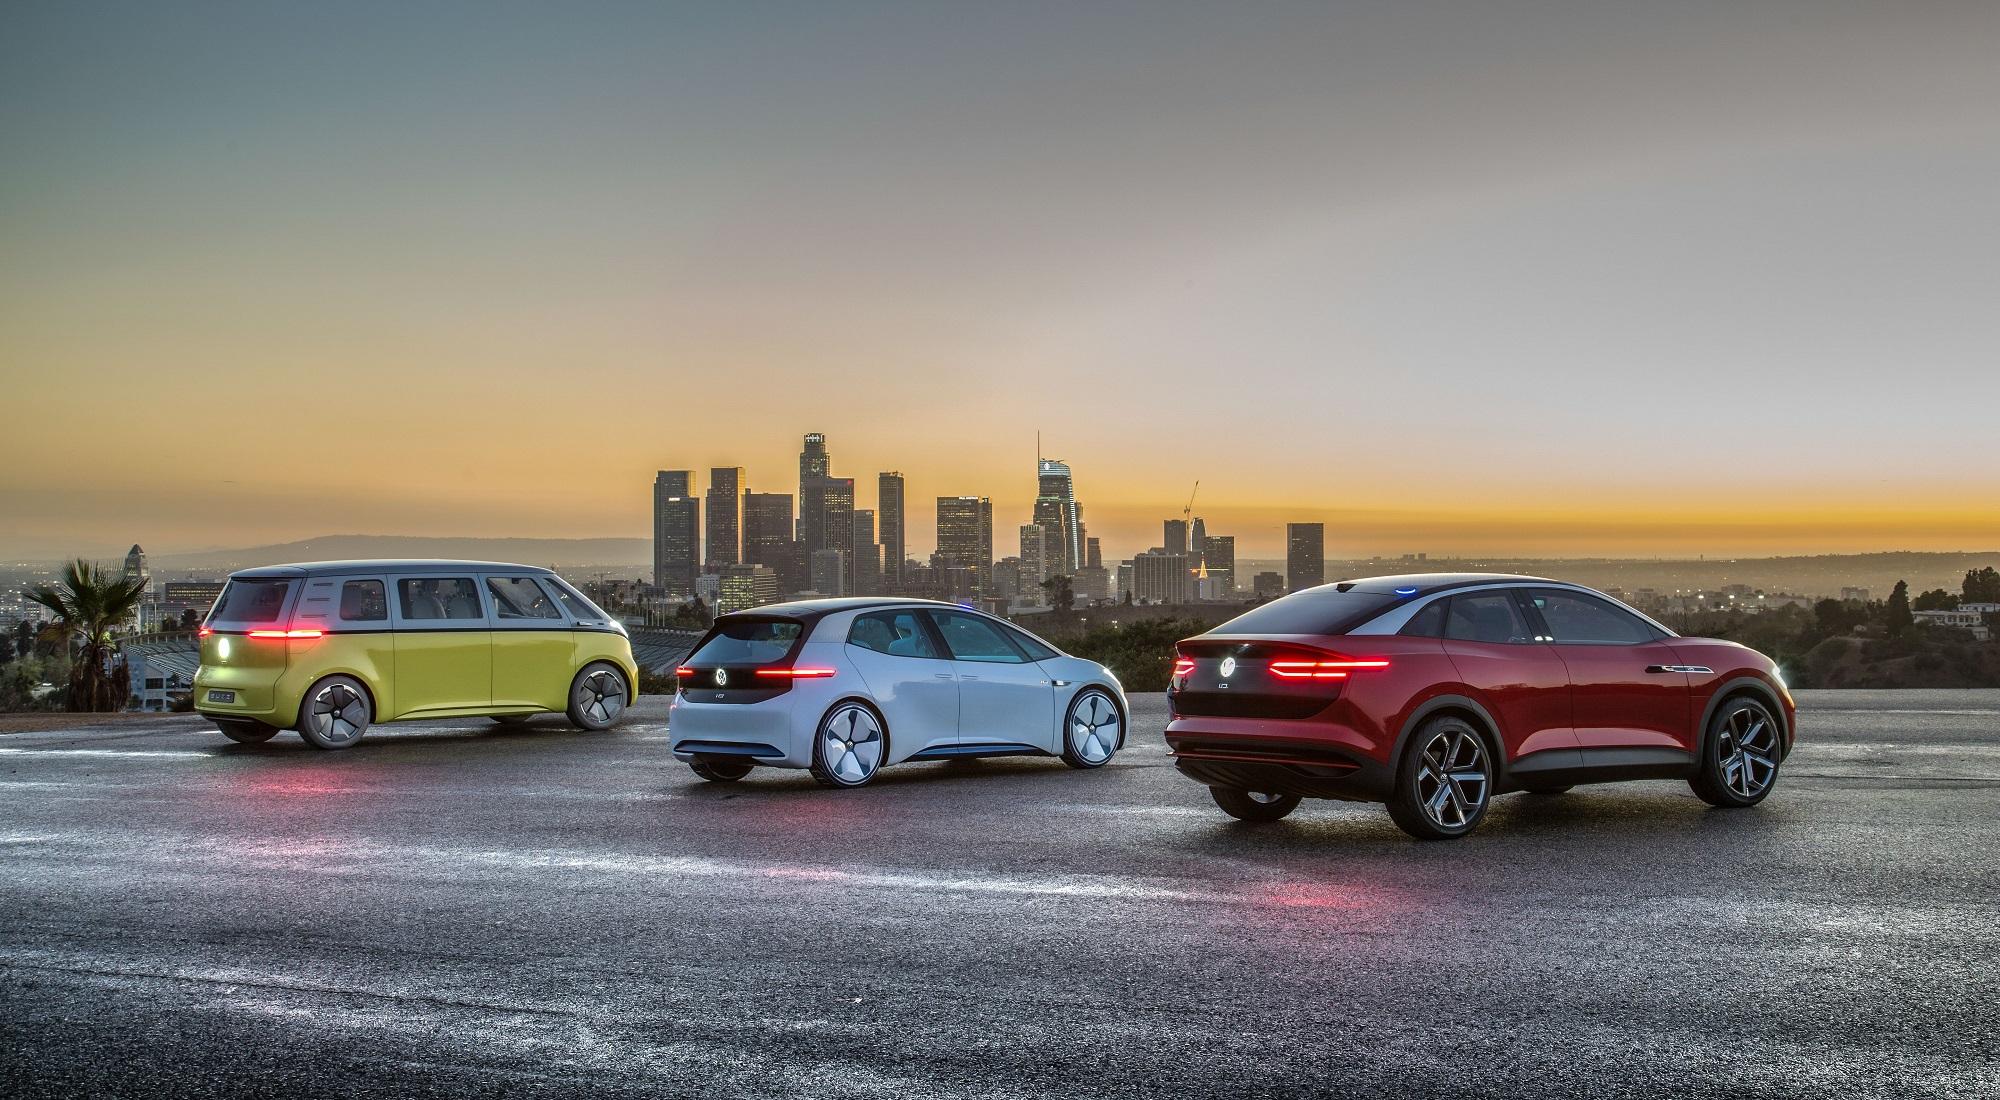 每日电动汽车快报 城市电动车闪亮洛杉矶,11kW无线充电规范公布